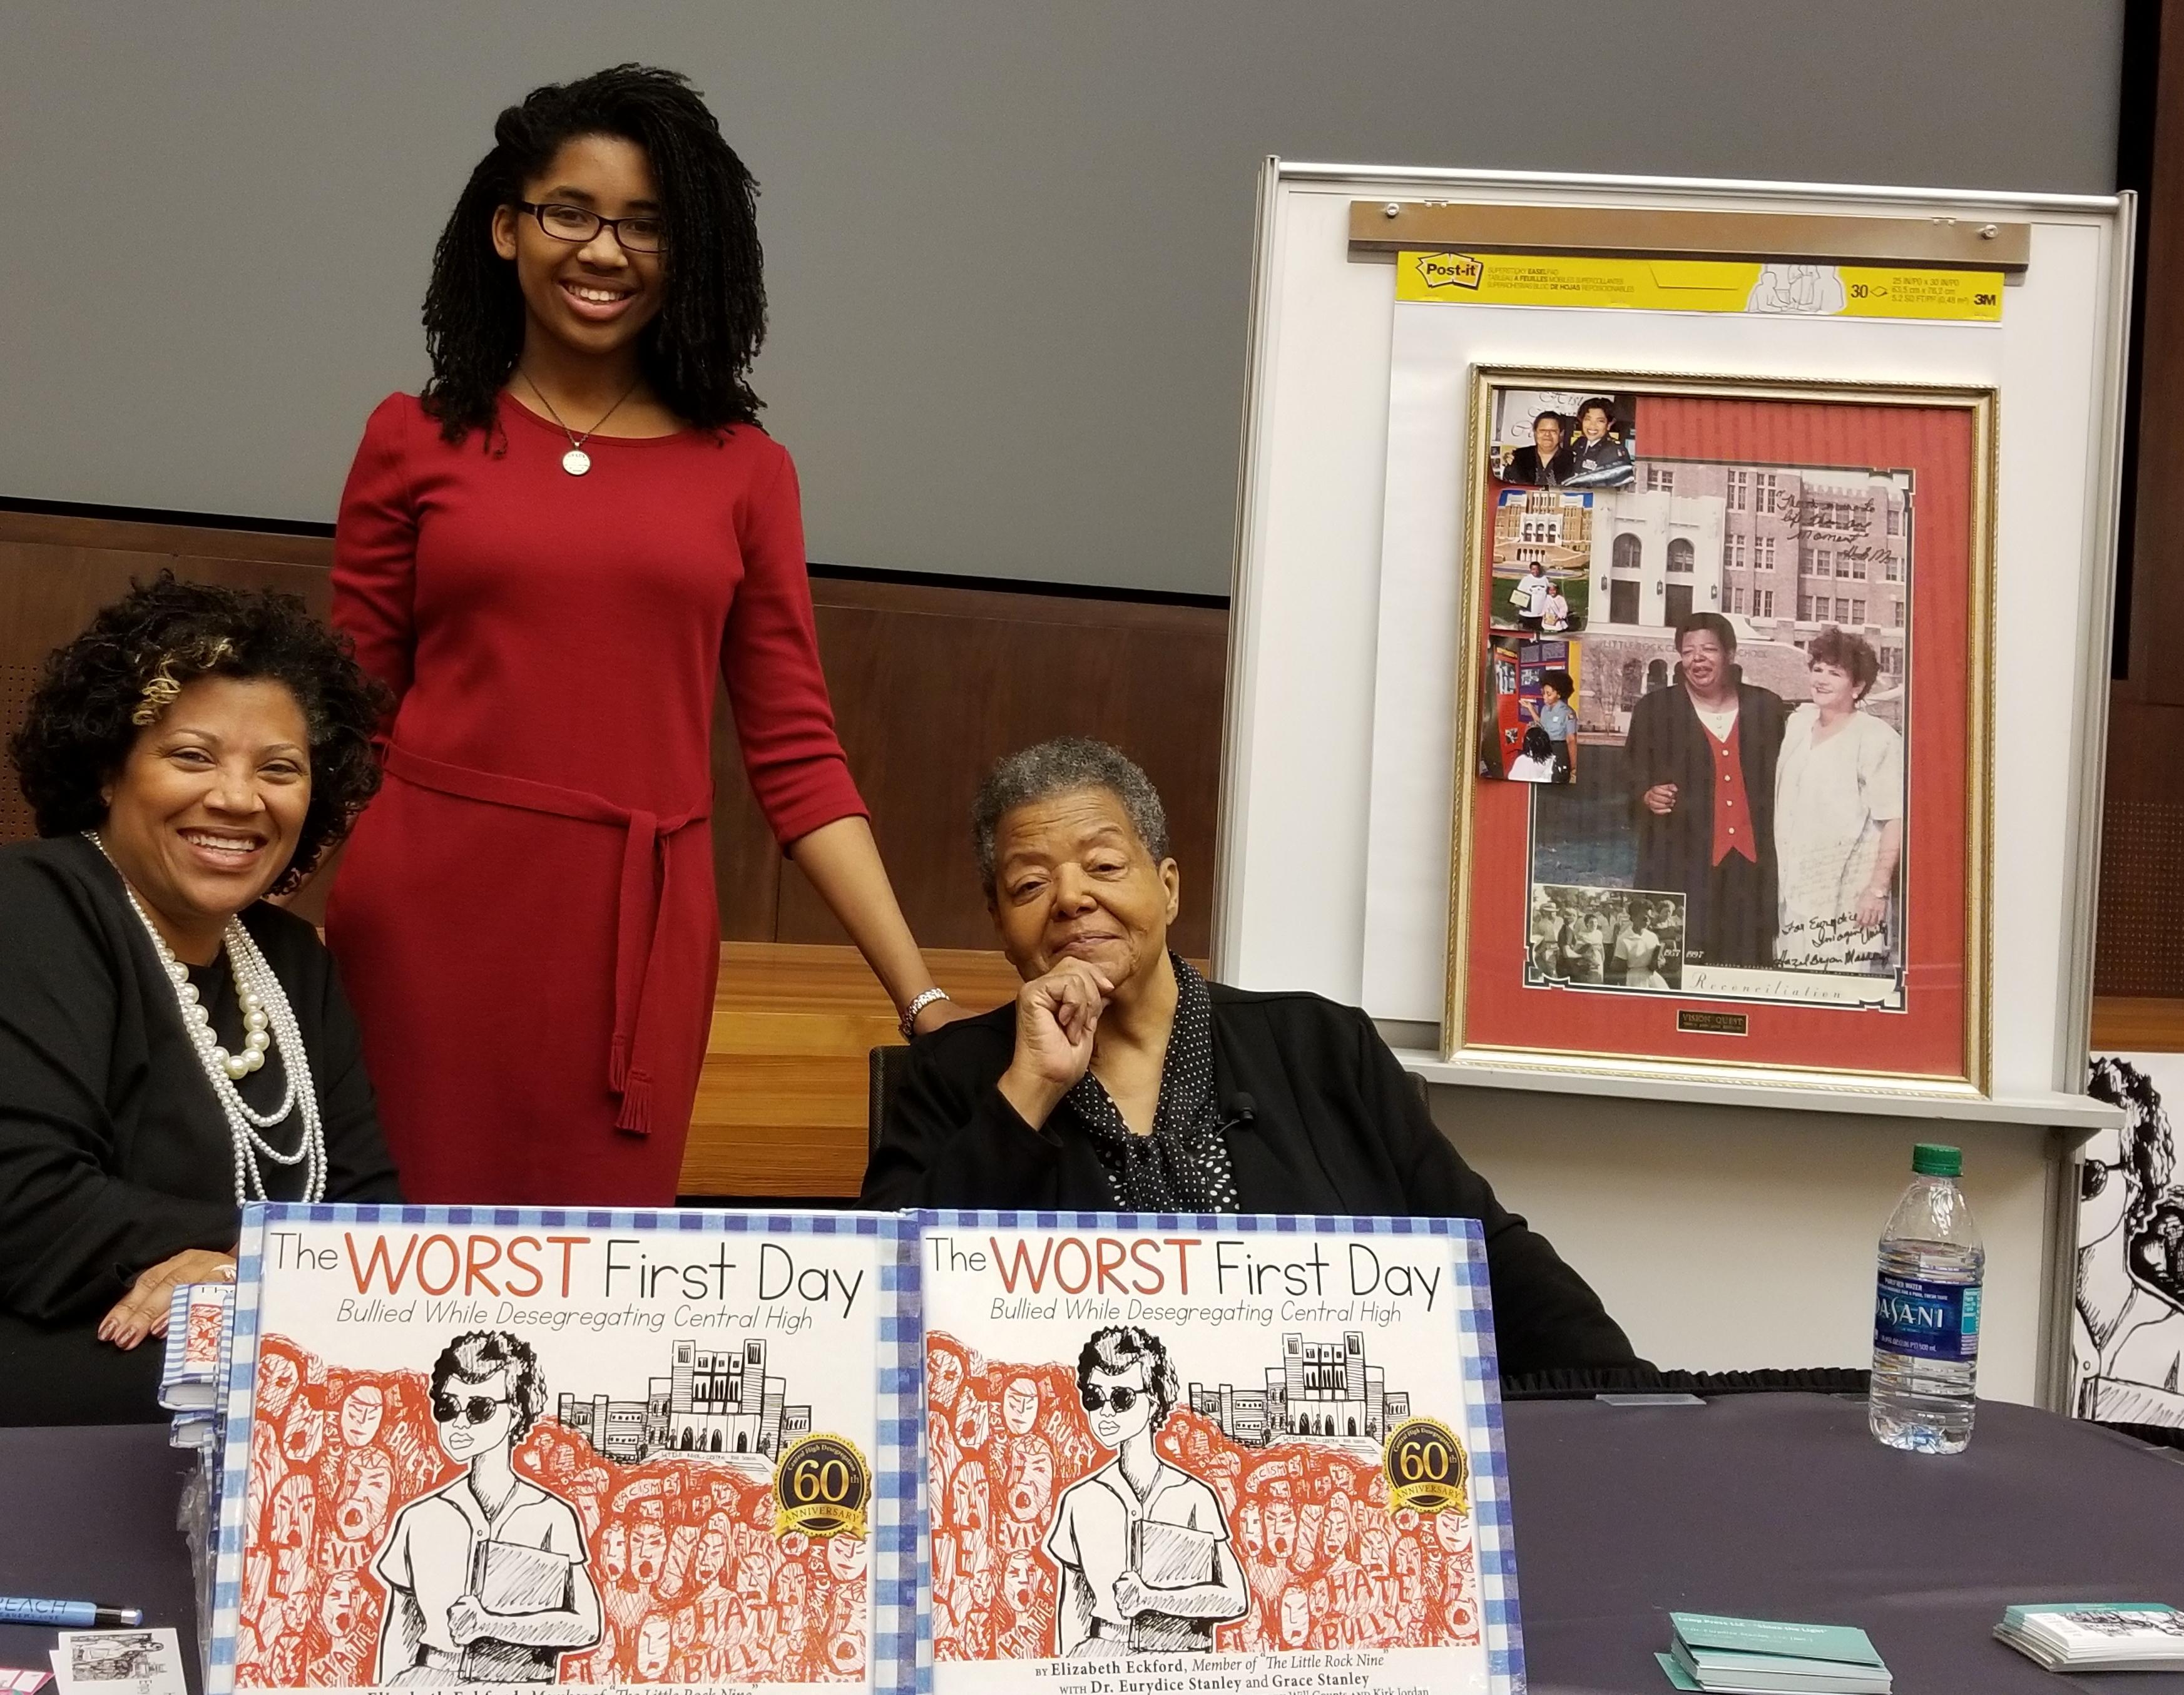 Dr. Eurydice Stanley, Grace Stanley, and Elizabeth Eckford